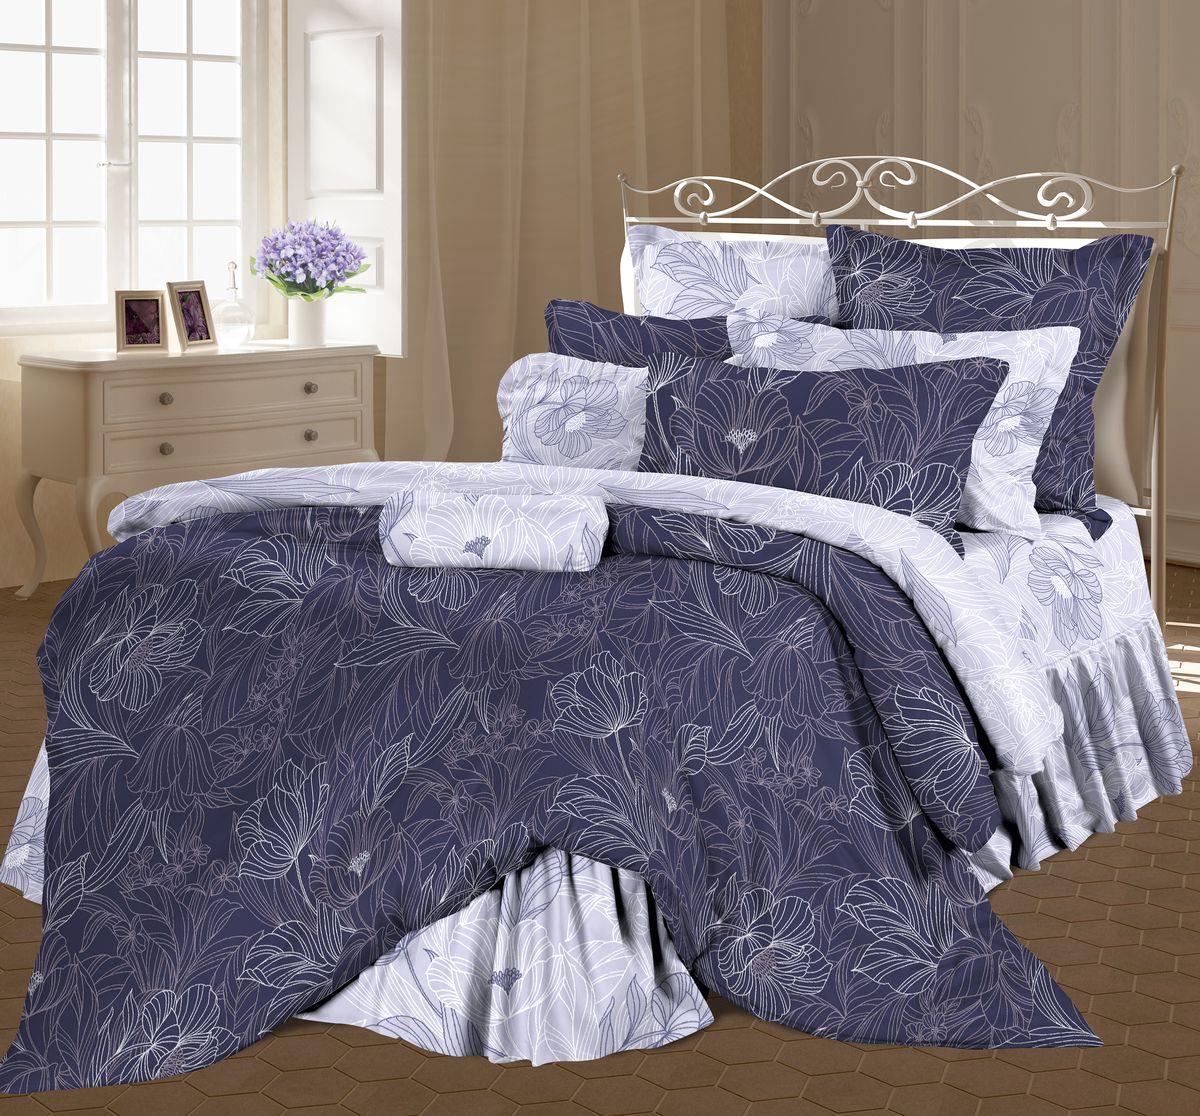 Комплект белья Романтика Консуэло, евро, наволочки 70 x 70, цвет: фиолетовый. 317980317980